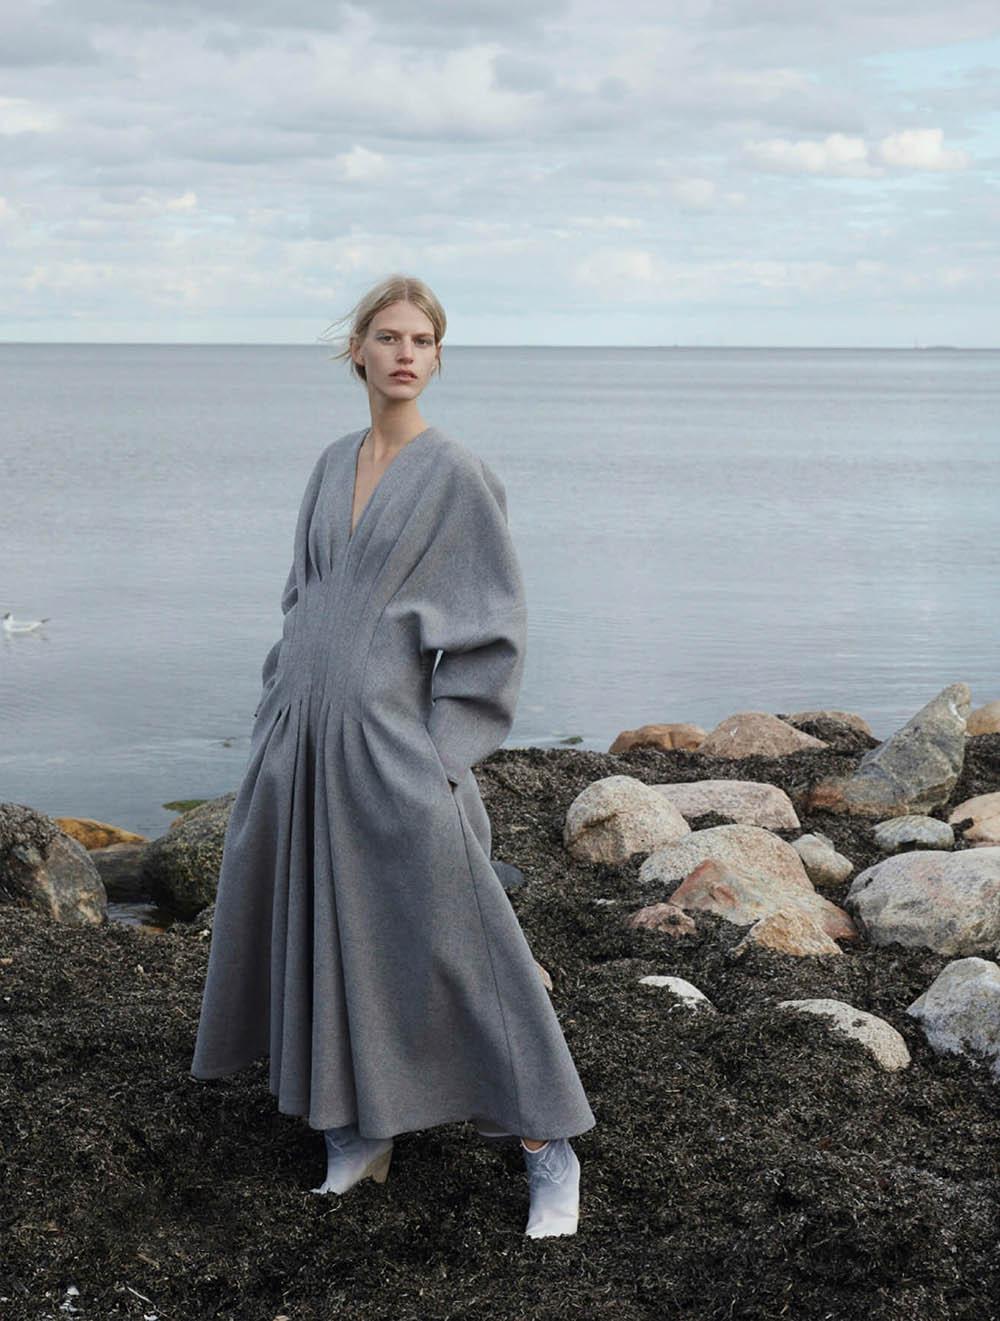 Line Kjaergaard and Anna Villemoes by Jette Jors for Elle Denmark September 2020